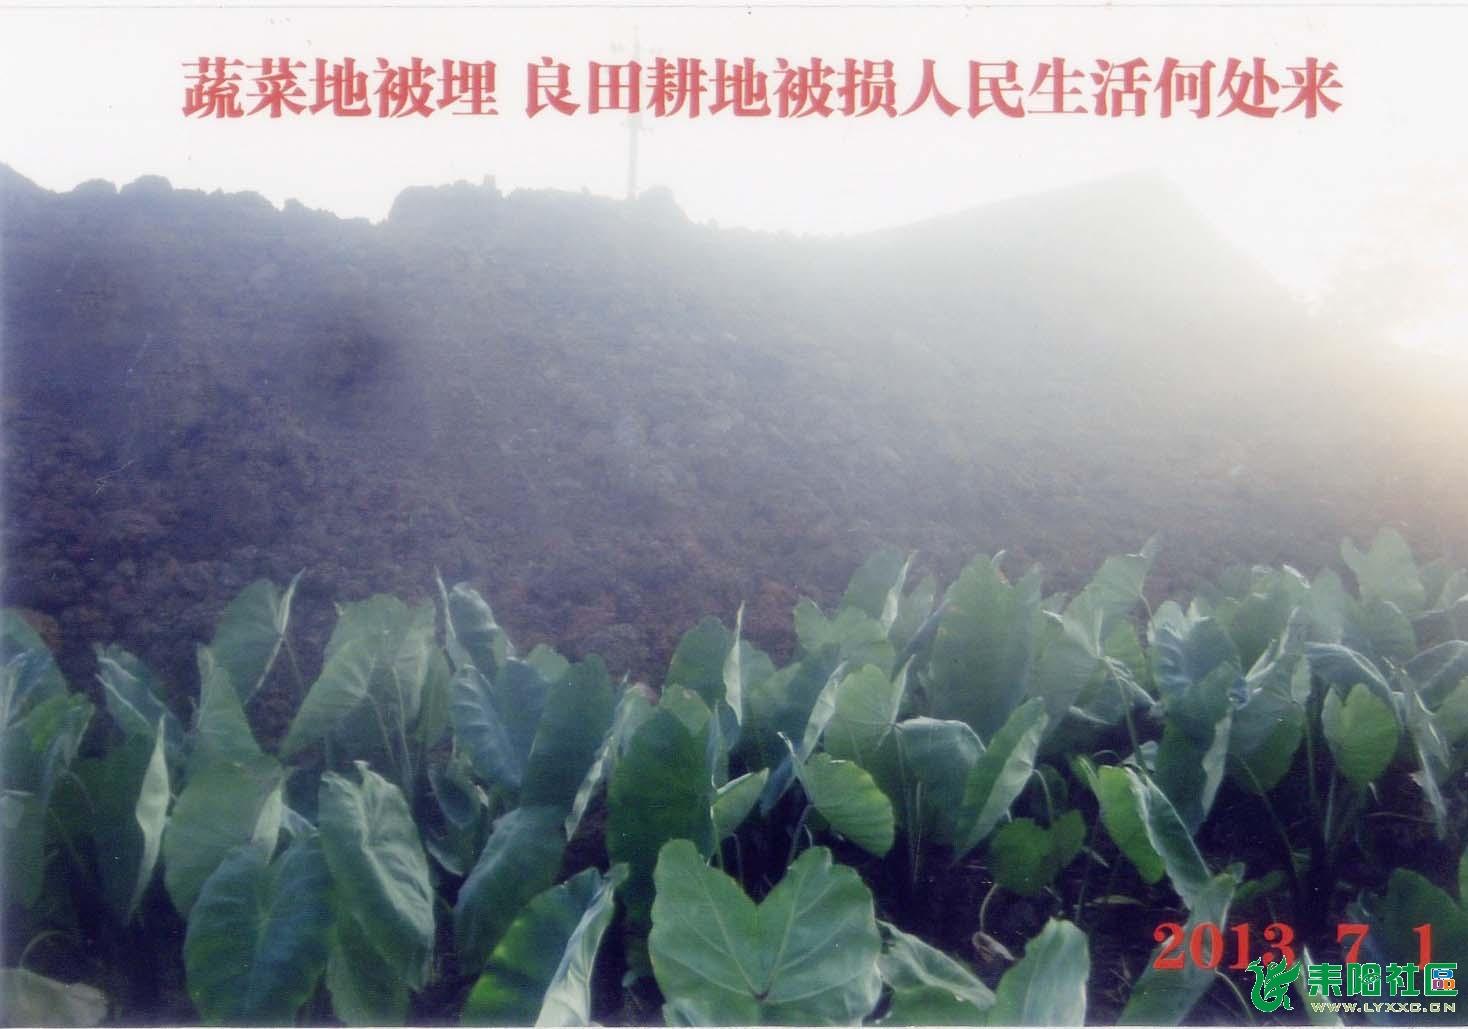 金南村17队村民土地被抢夺,开发商雇凶殴打村民至重伤,派出所不出警!